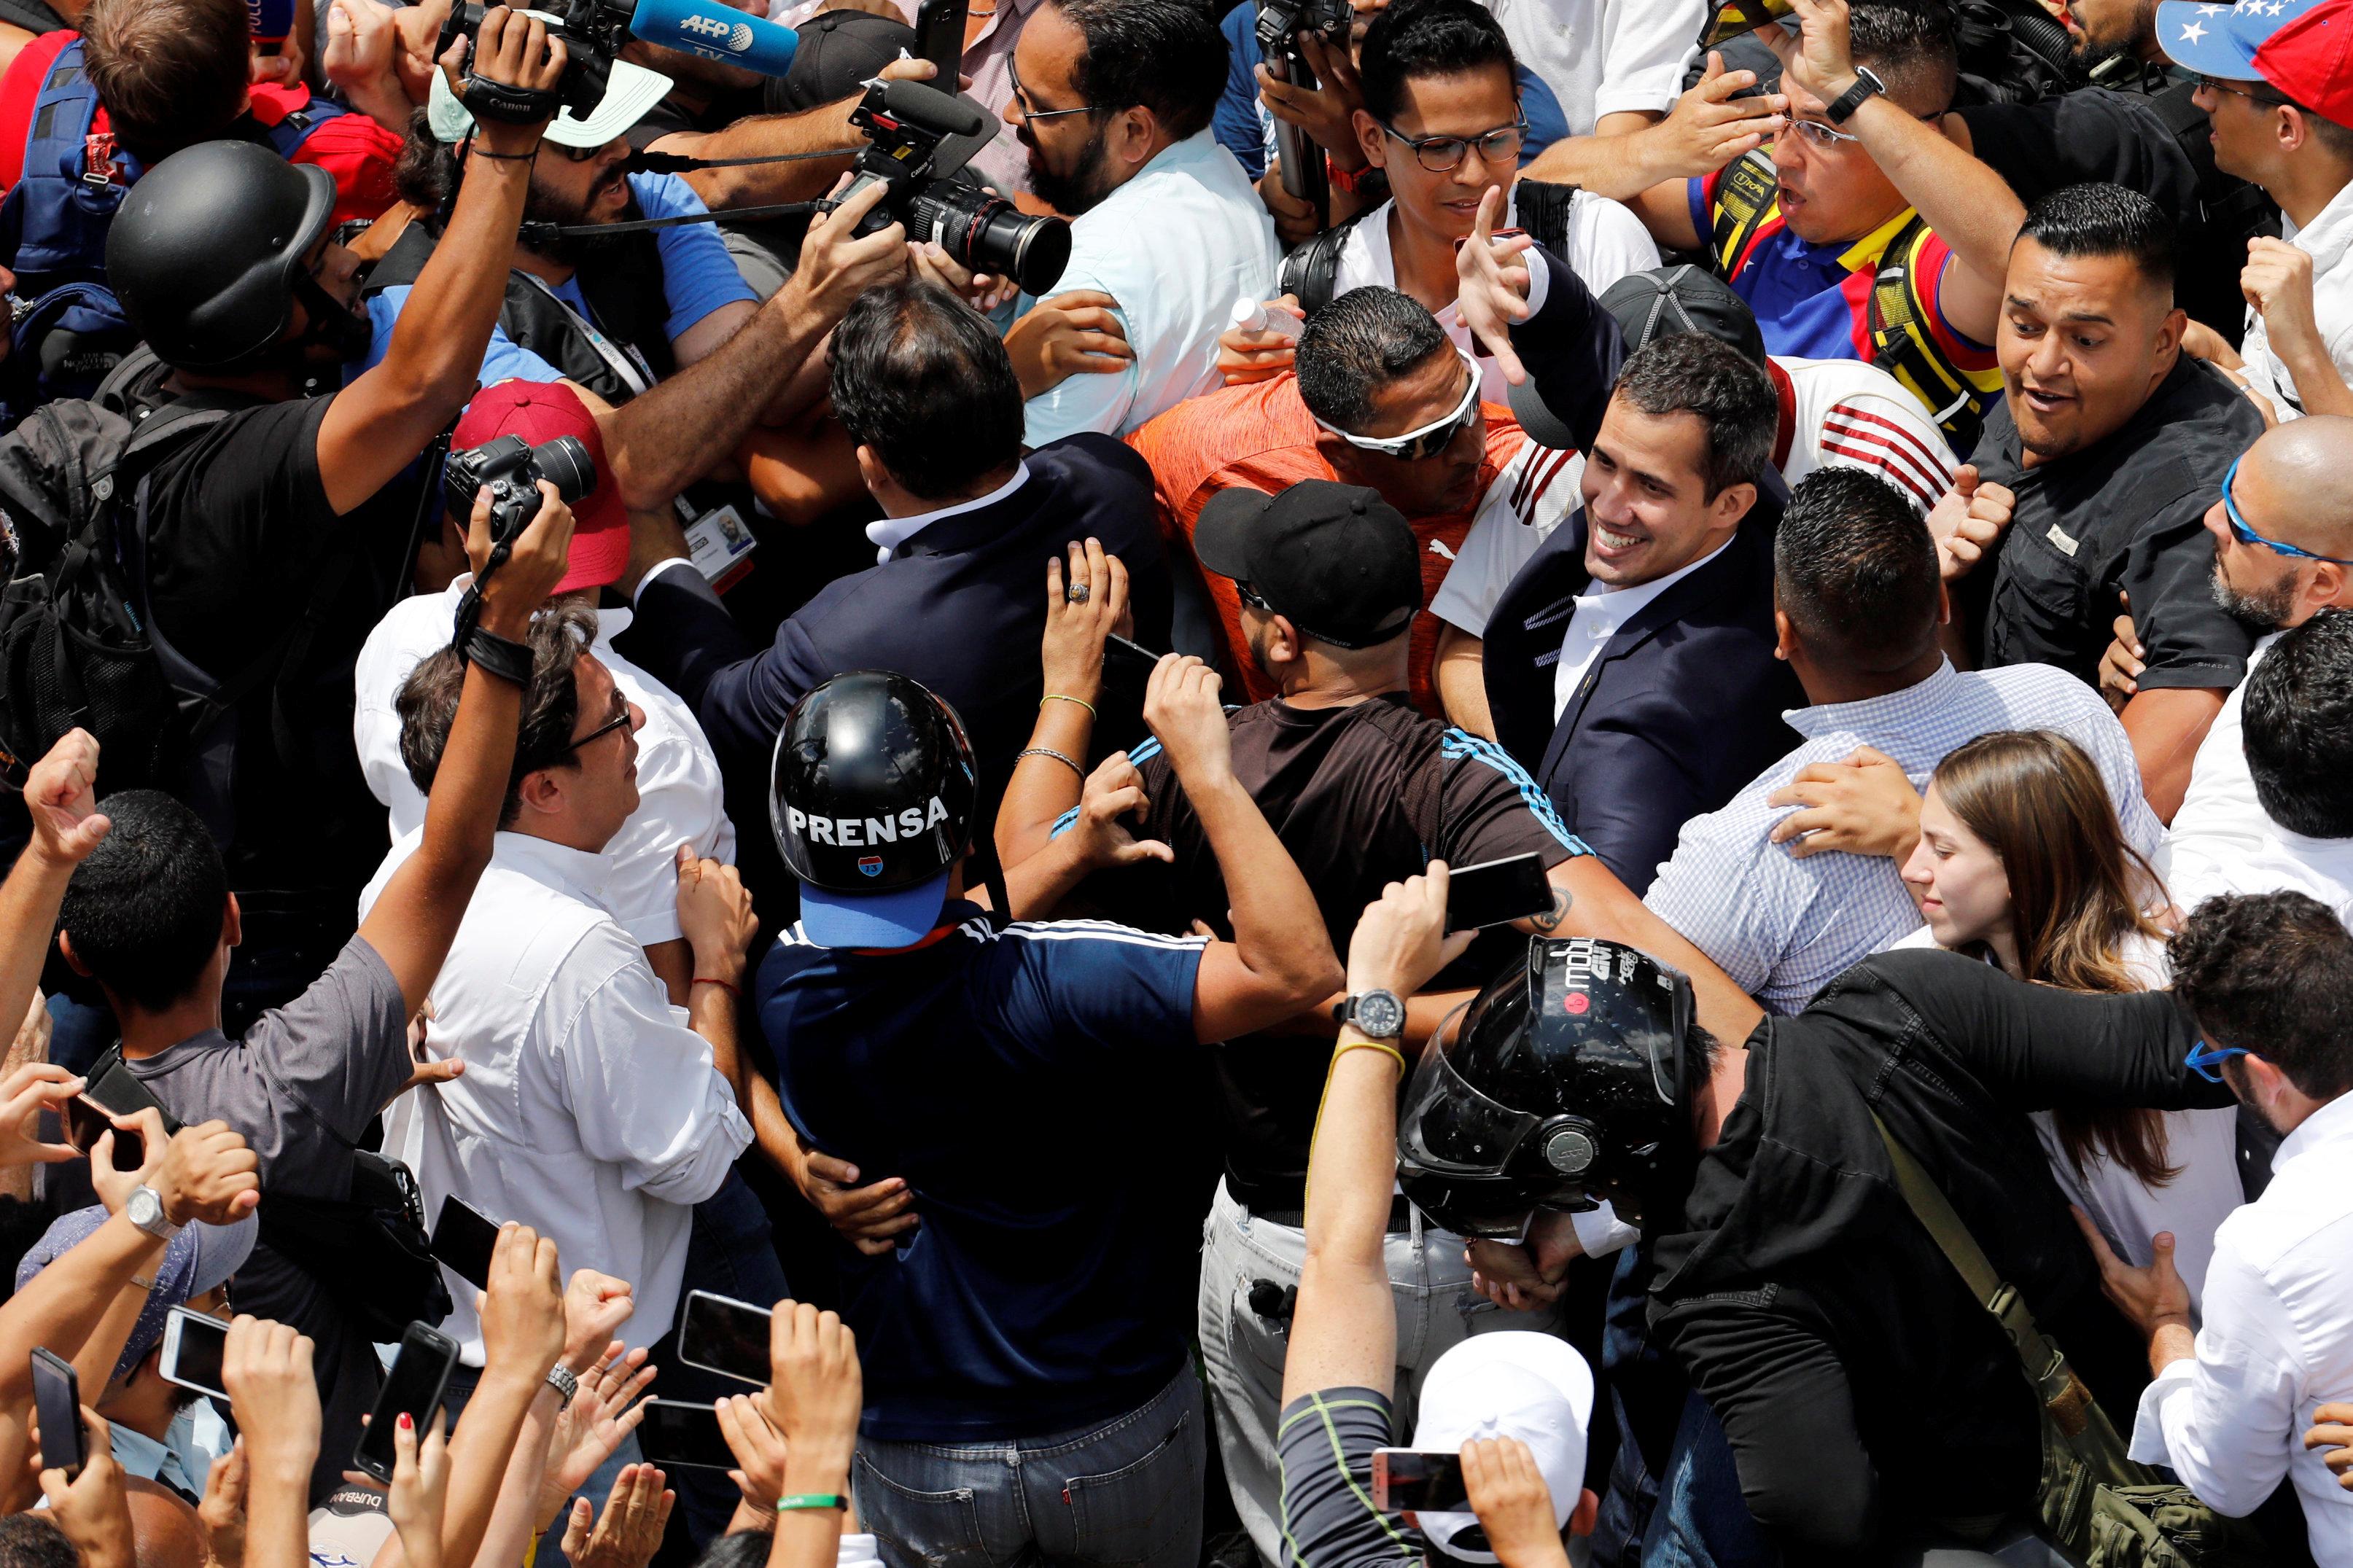 epestrepse-sti-venezoyela-o-gkoyaido-amp-8211-kalei-se-nees-diadiloseis-to-savvato-fotografies5